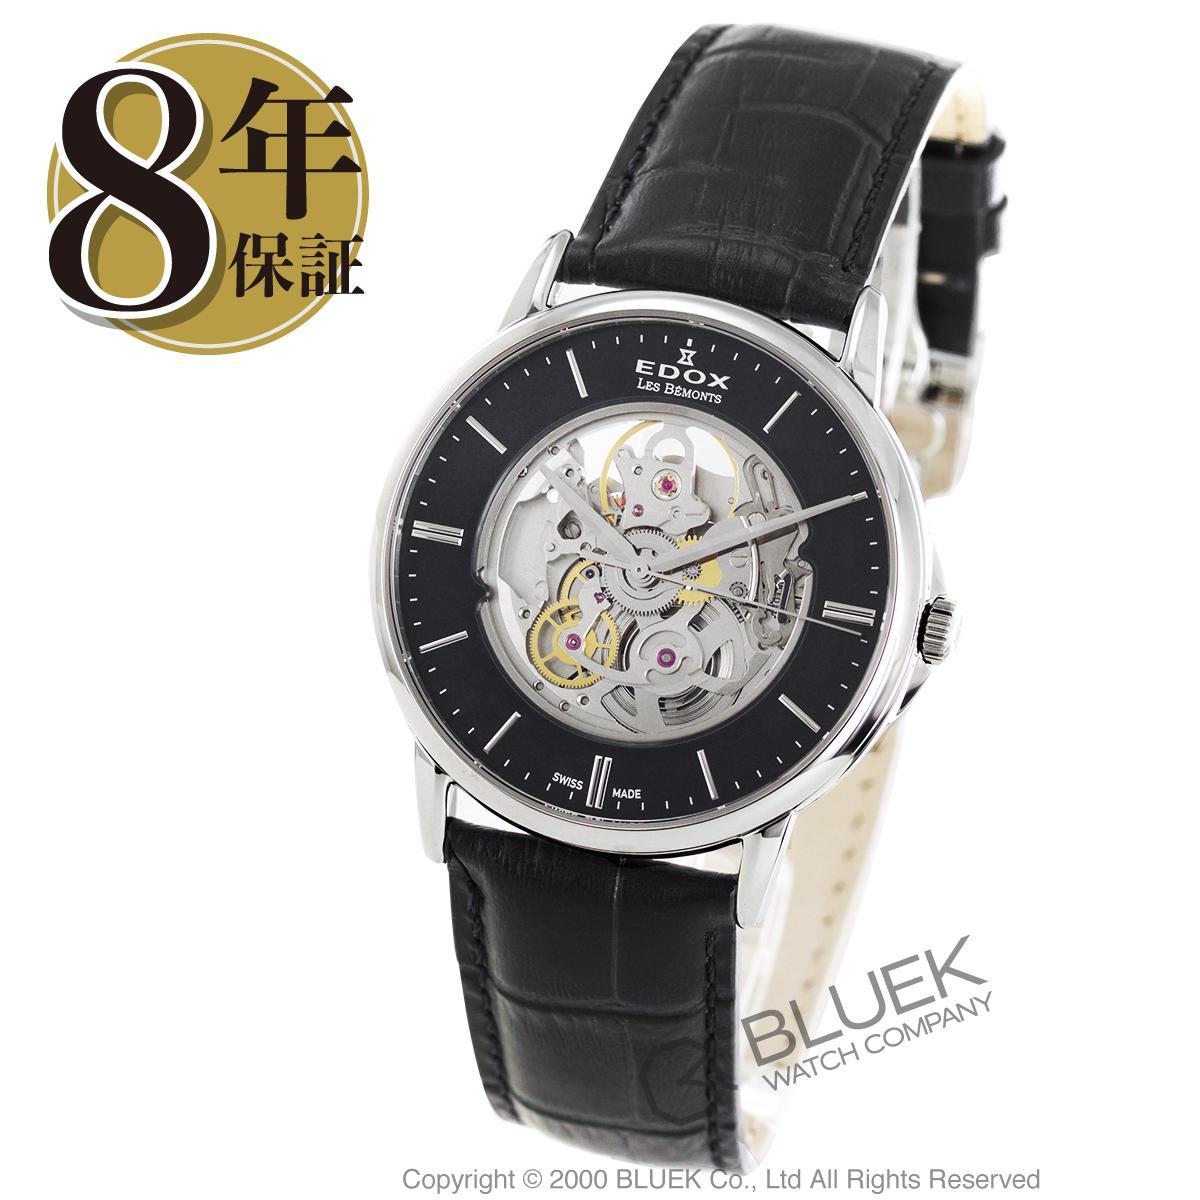 【最大3万円割引クーポン 11/01~】エドックス レ・ベモン オープンハート 腕時計 メンズ EDOX 85300-3-NIN_8